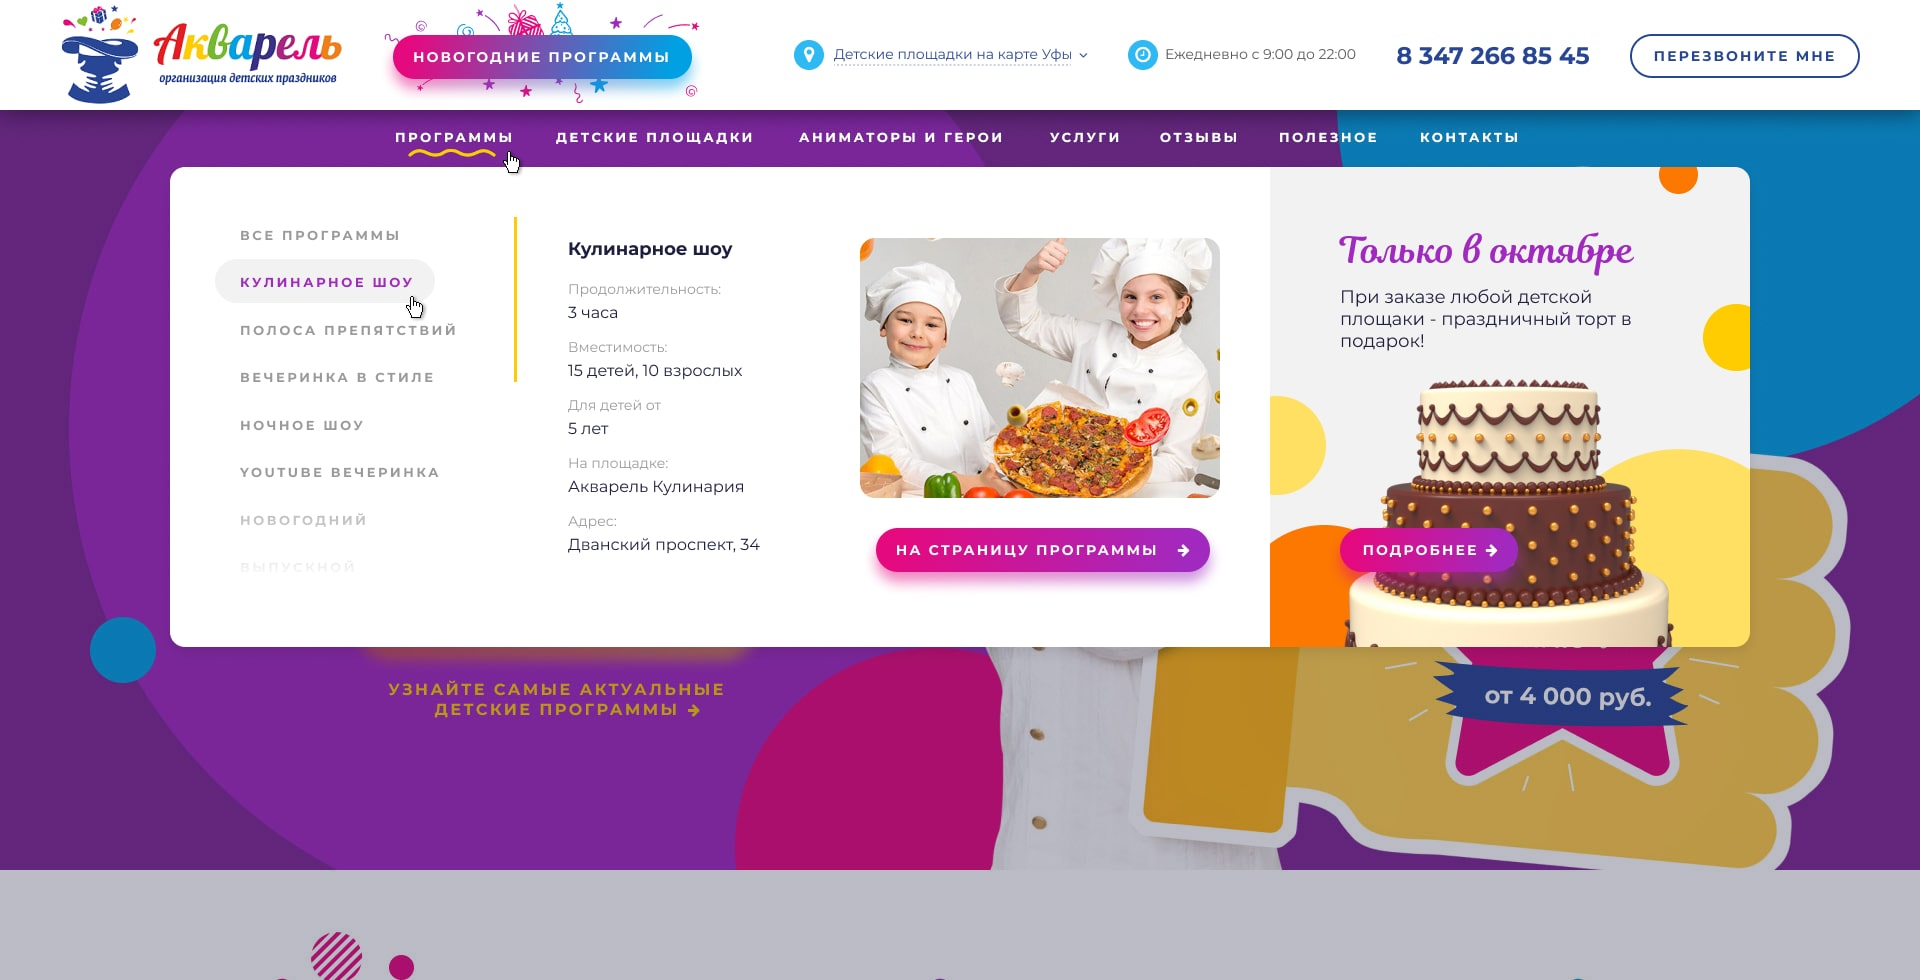 Адаптивный дизайн сайта - Организация детских праздников